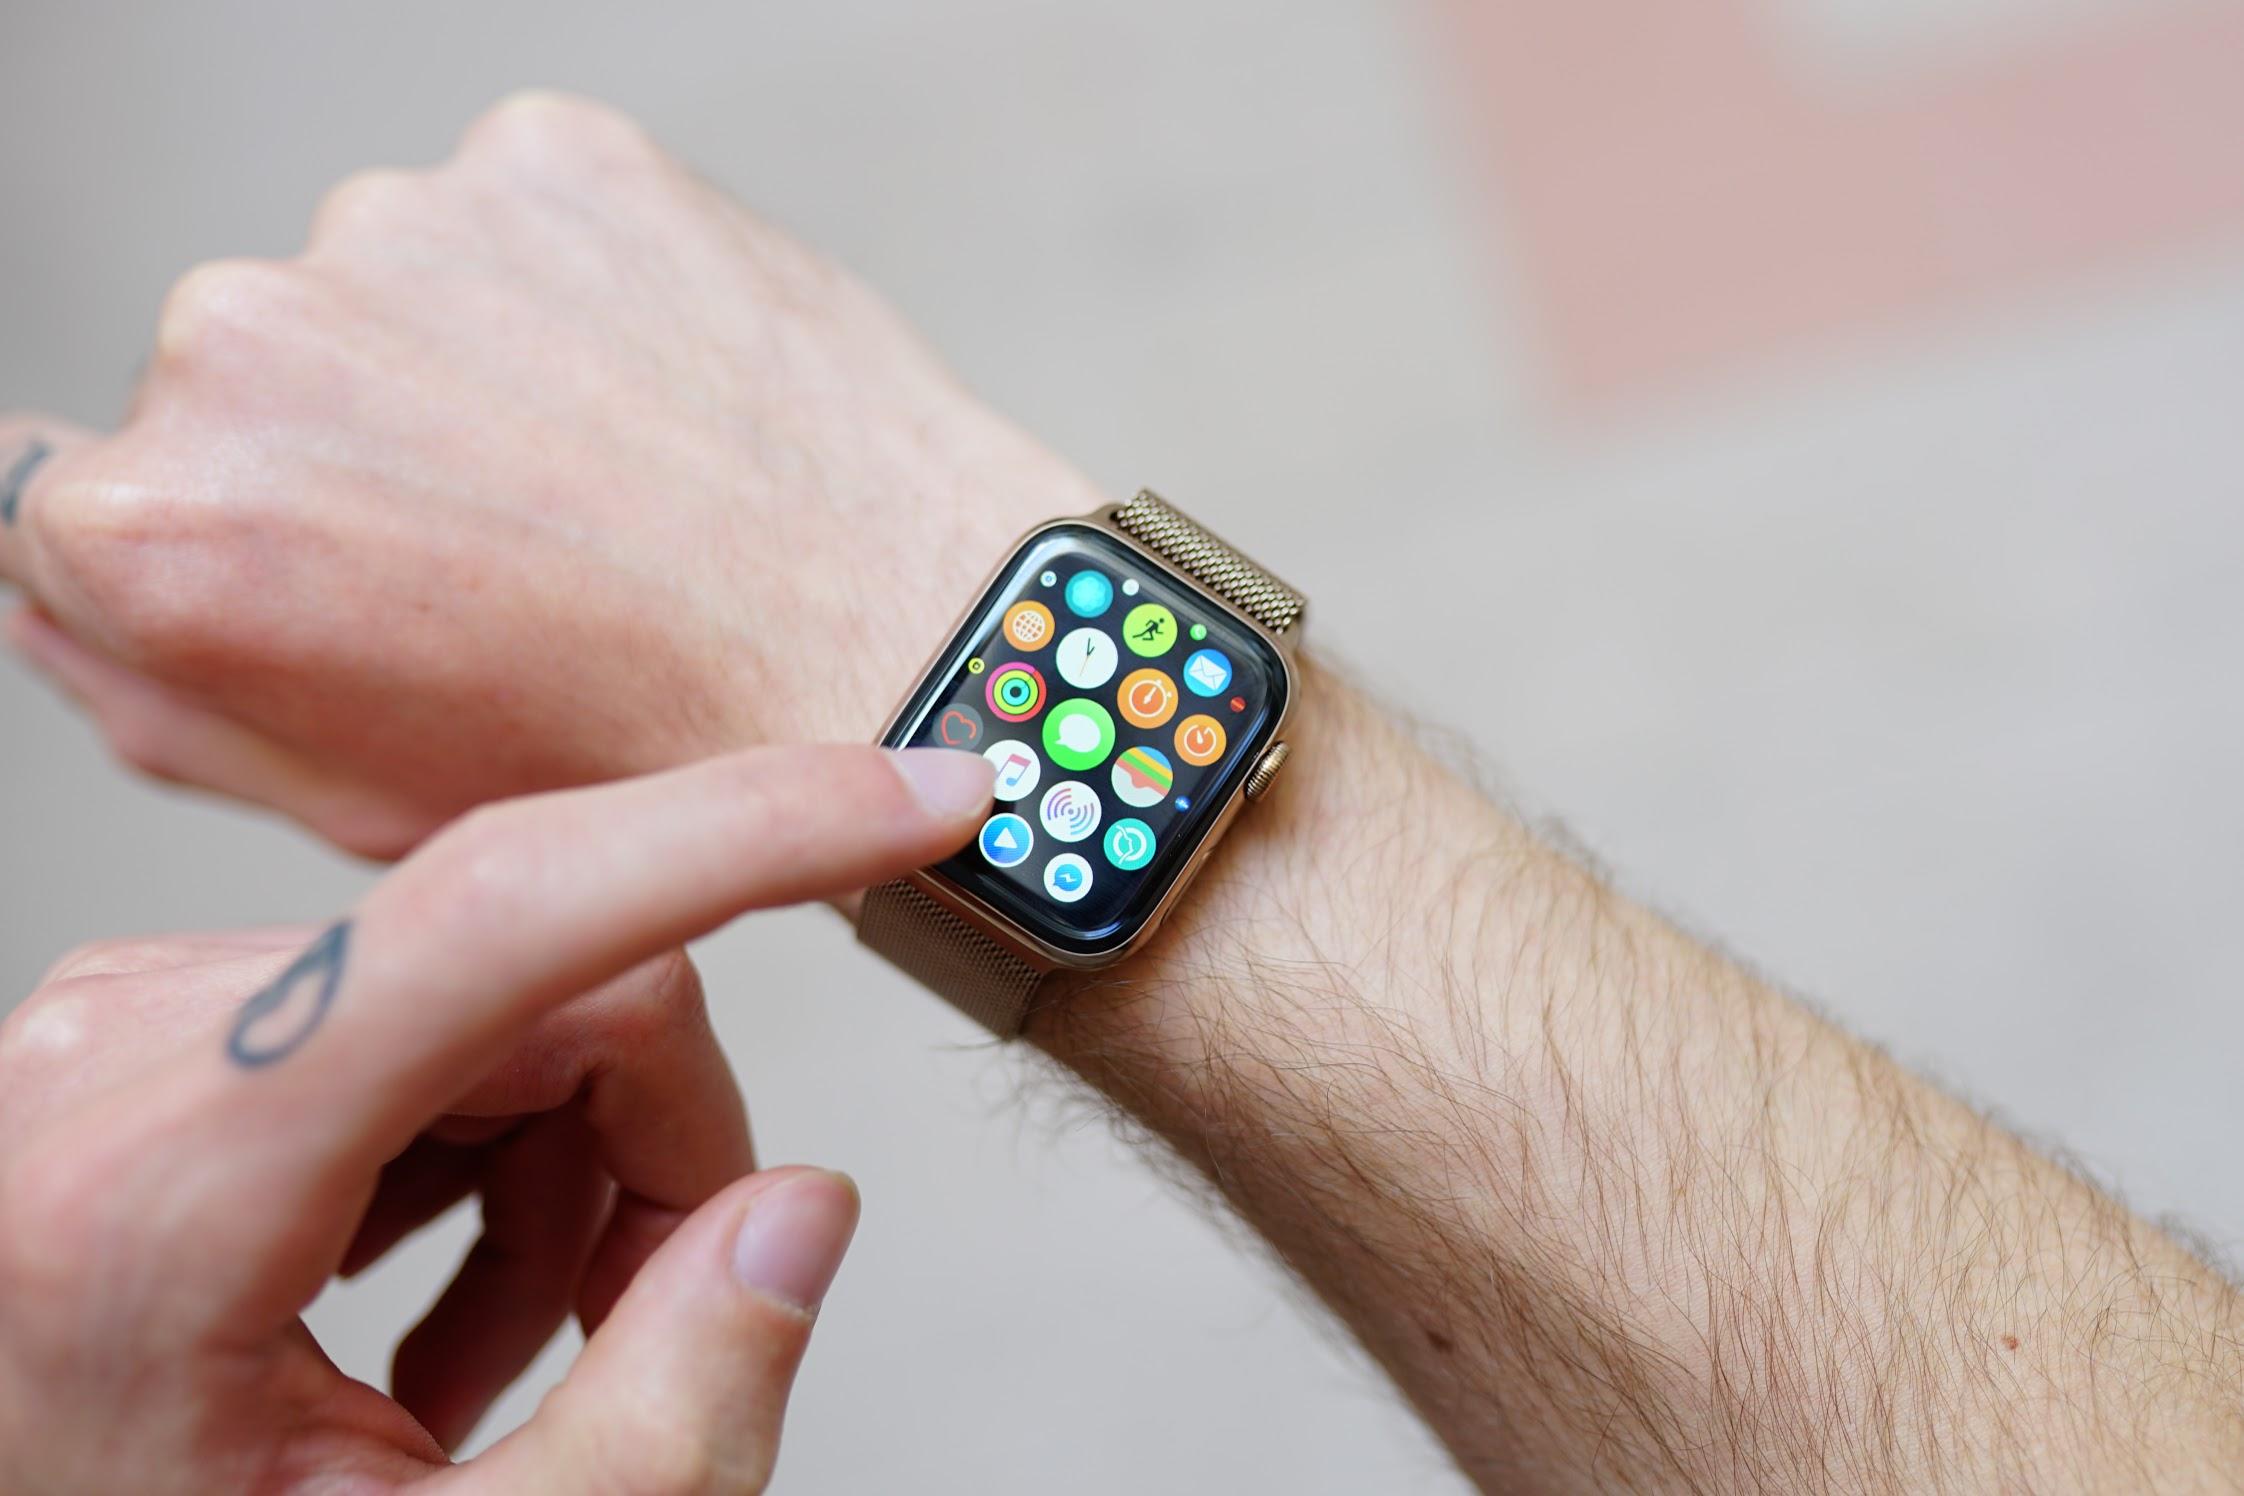 L'Apple Watch pourrait surveiller votre sommeil… mais comment la recharger ?